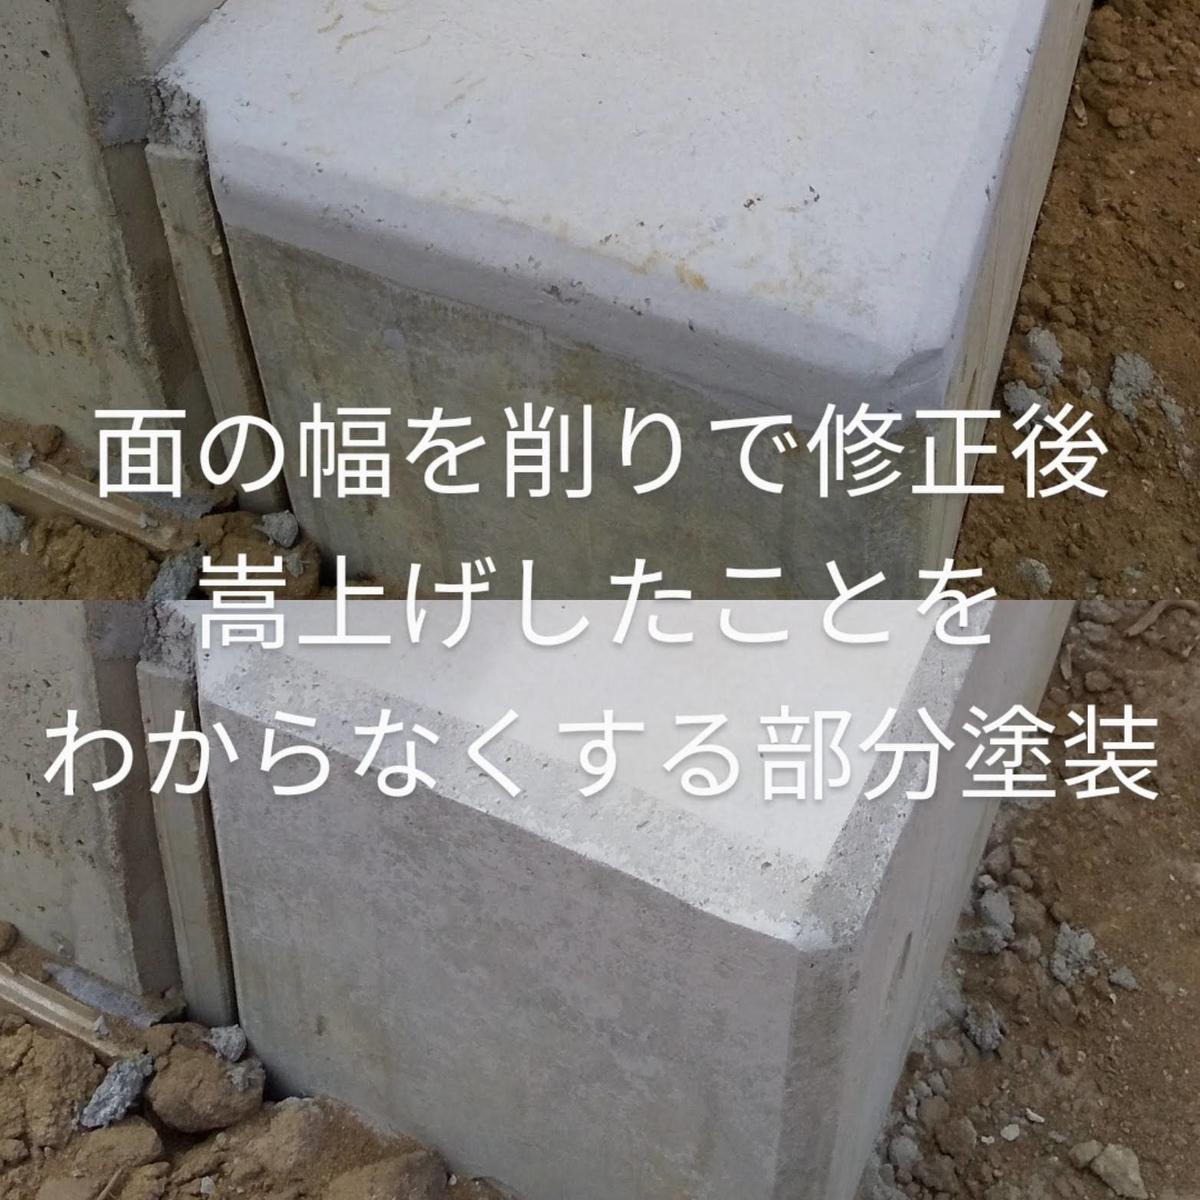 f:id:sakikaku2009:20200416211009j:plain